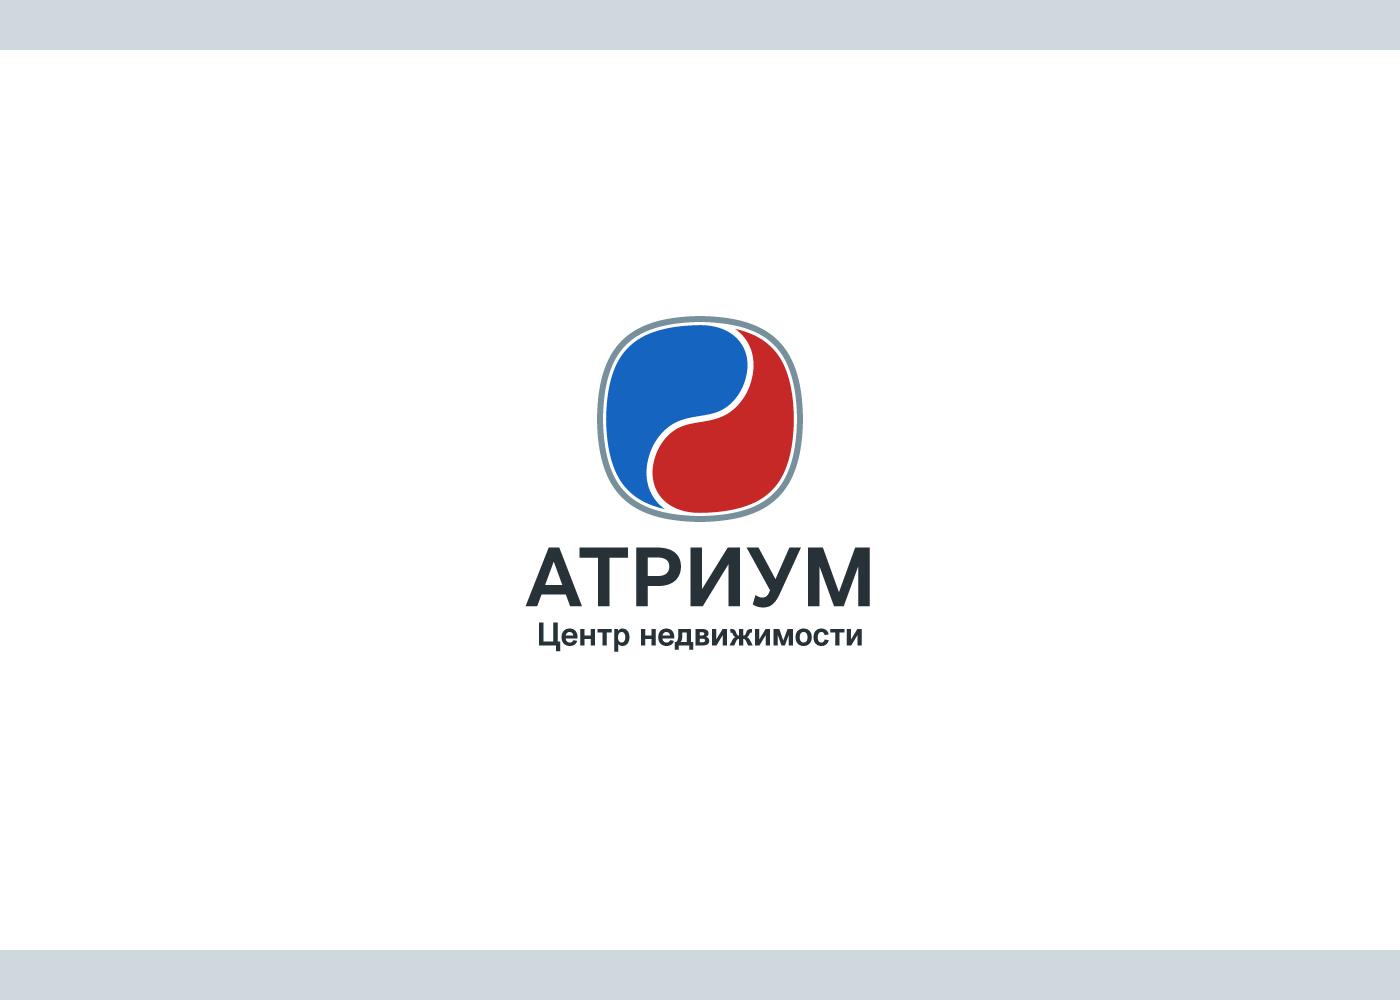 Редизайн / модернизация логотипа Центра недвижимости фото f_1605bd2e9c6917c8.jpg